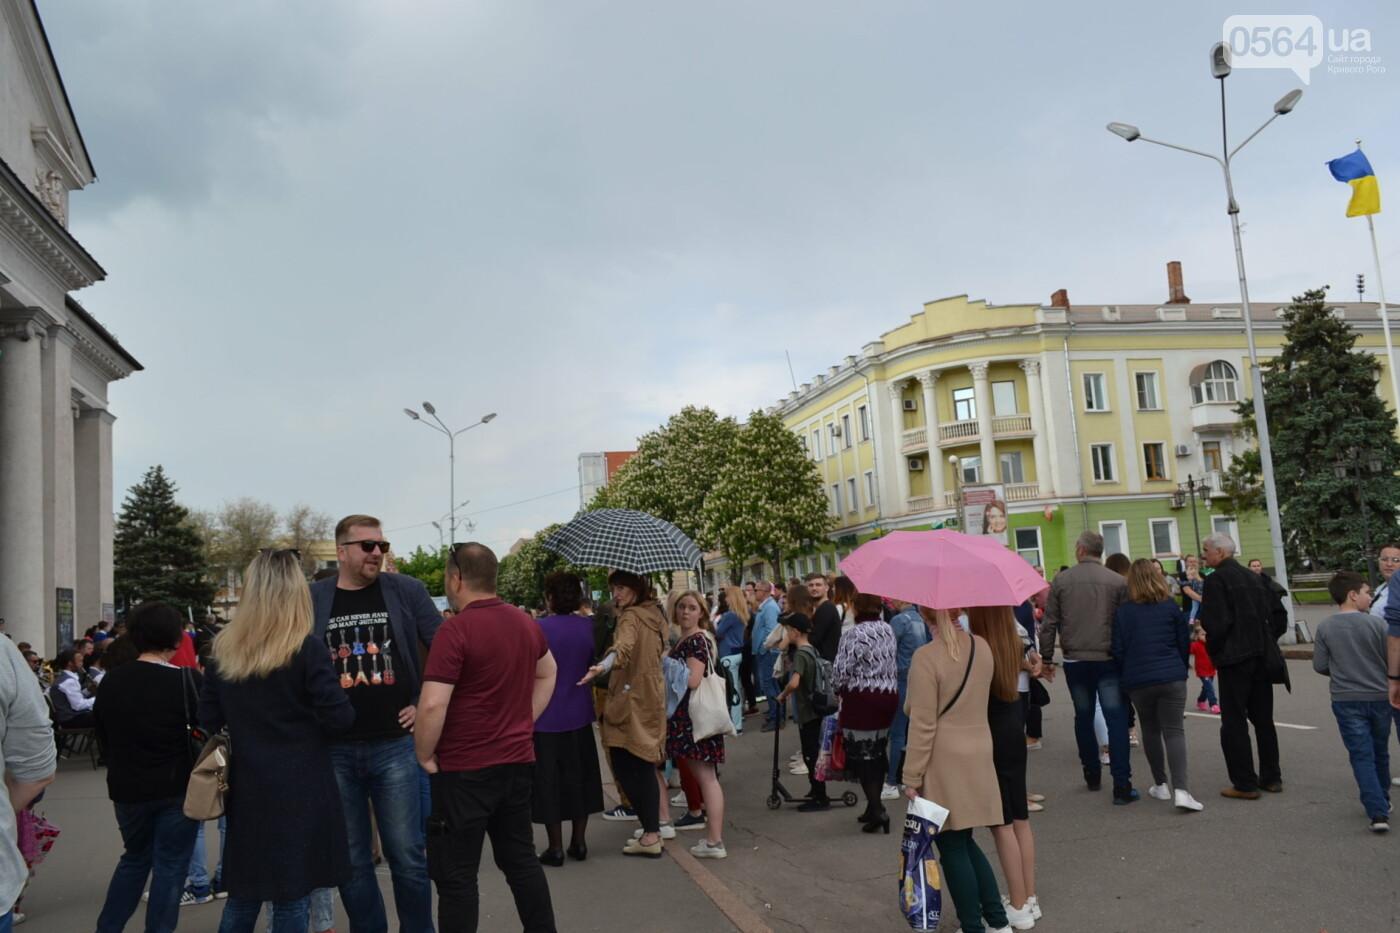 Играют все: на проспекте Почтовом в Кривом Роге проходит фестиваль уличной музыки, - ФОТО, ВИДЕО, фото-24